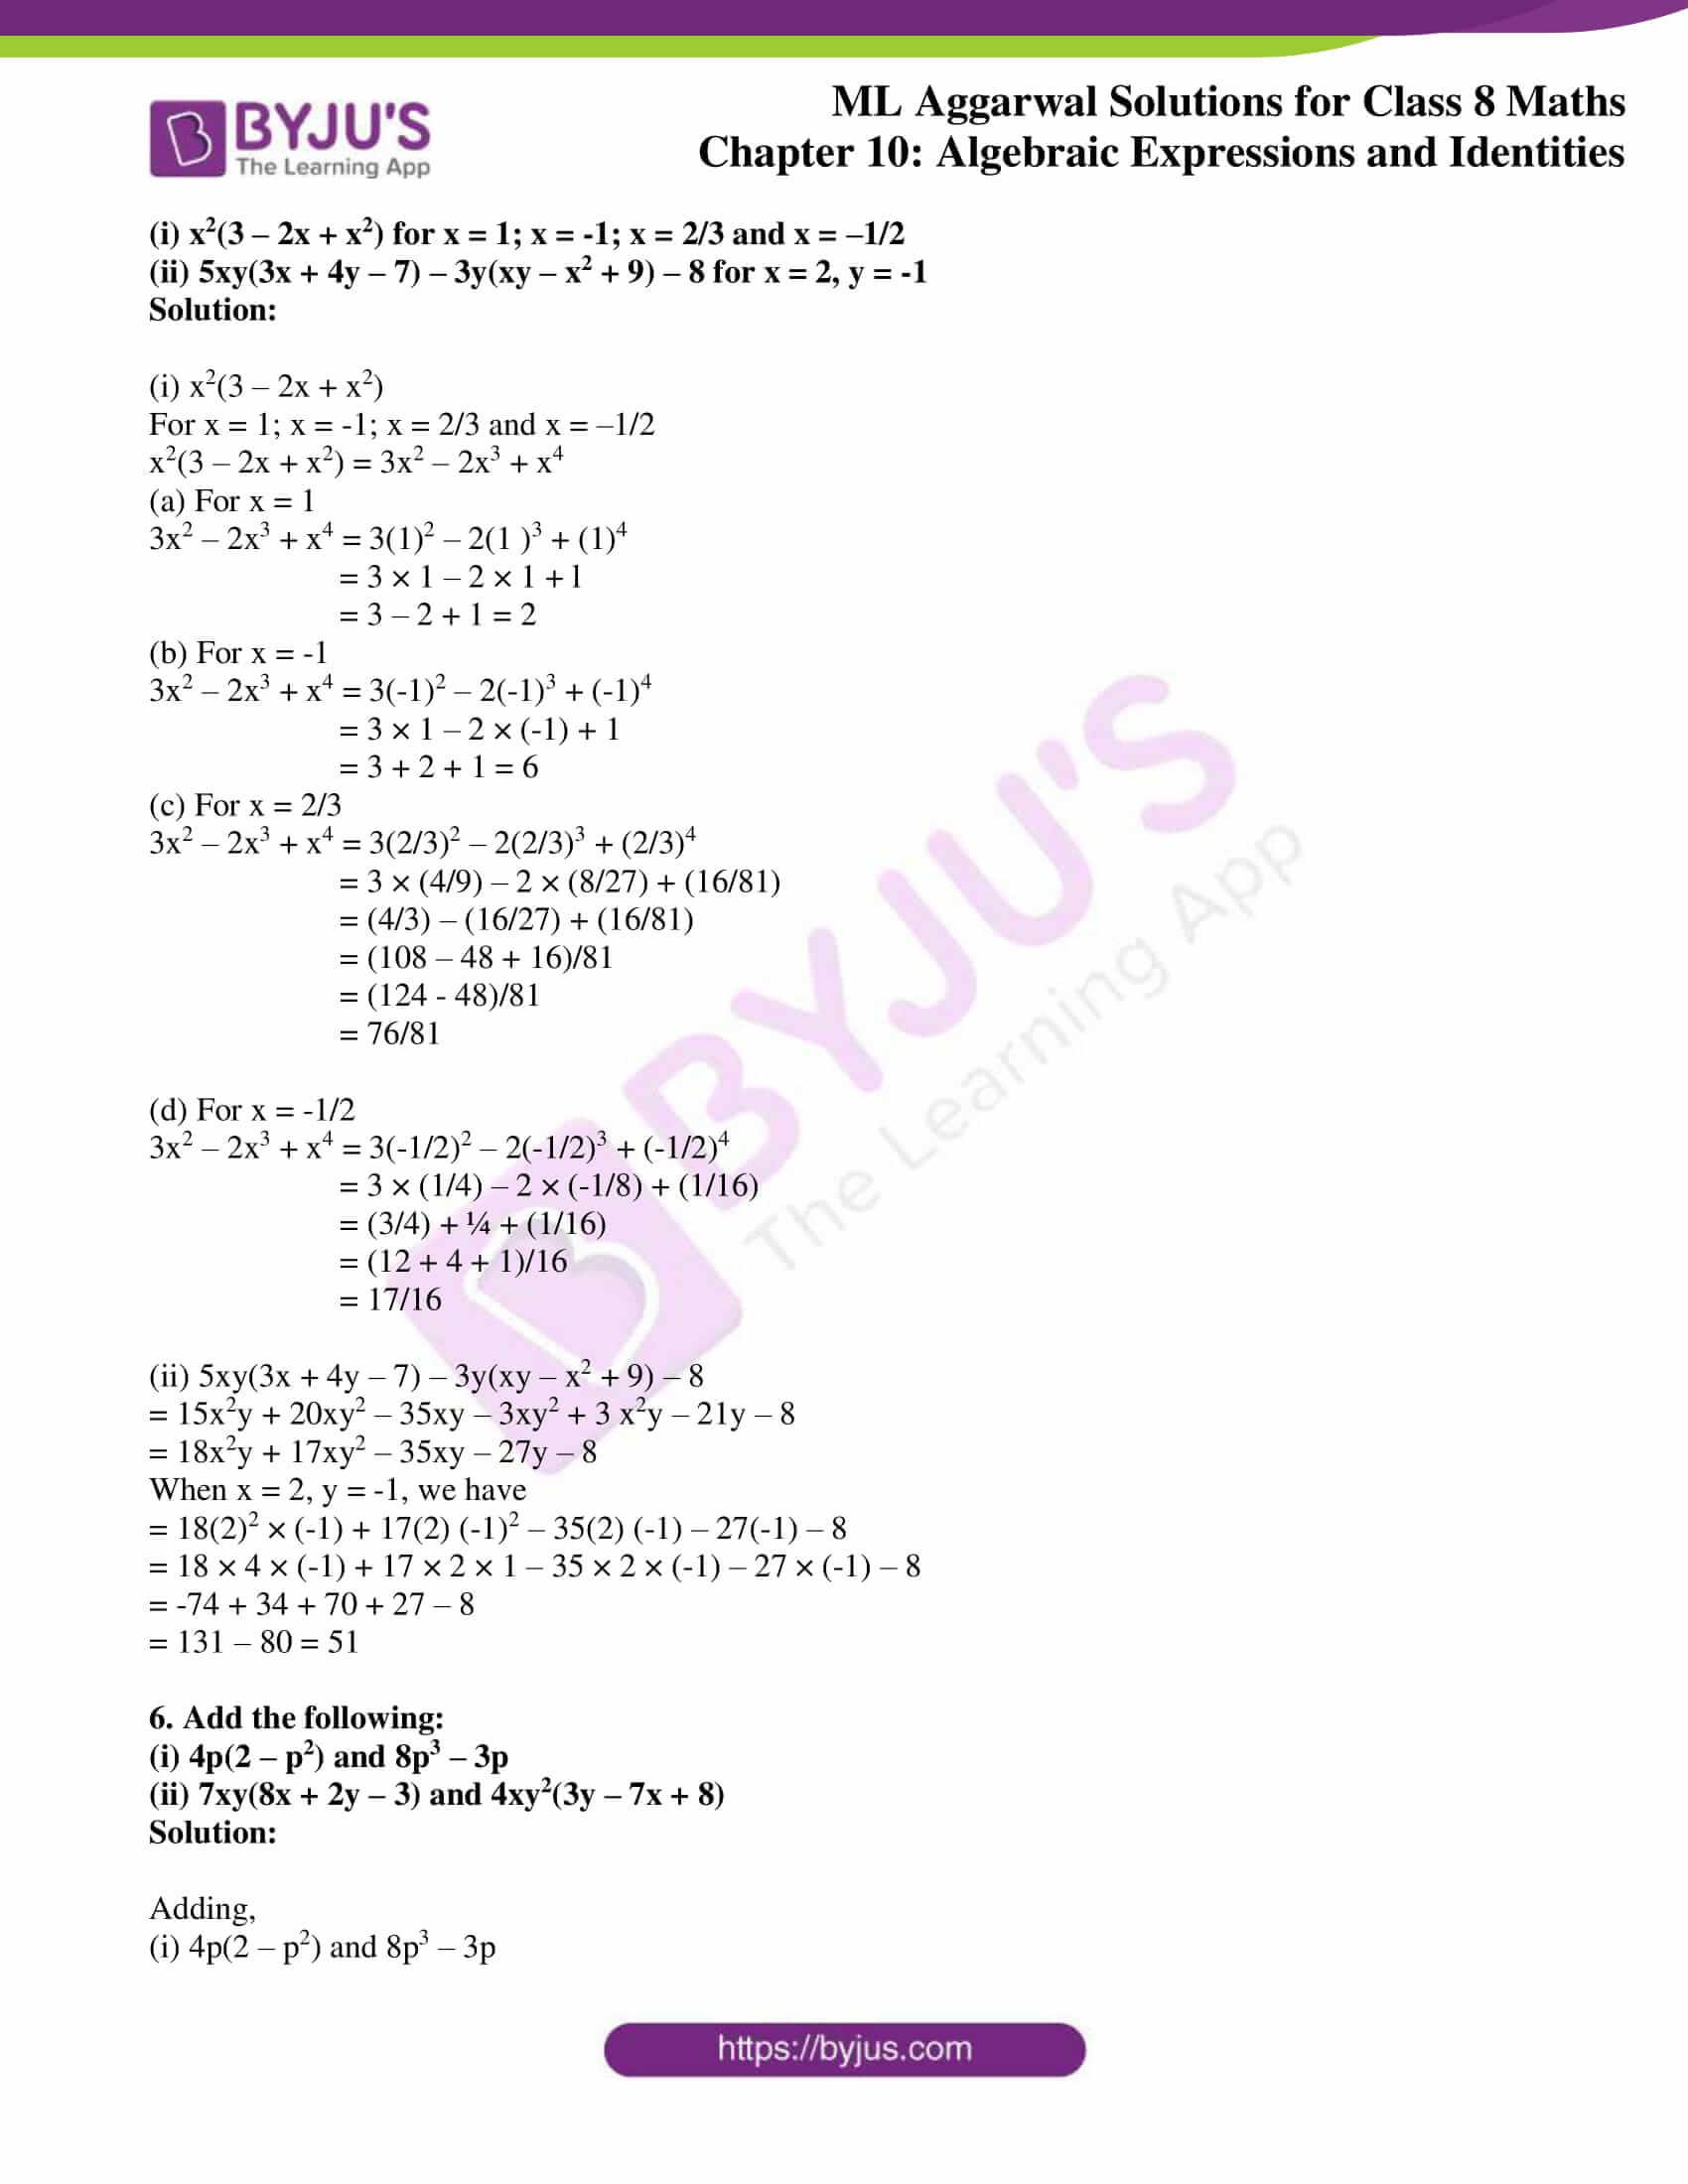 ml aggarwal sol mathematics class 8 ch 10 07